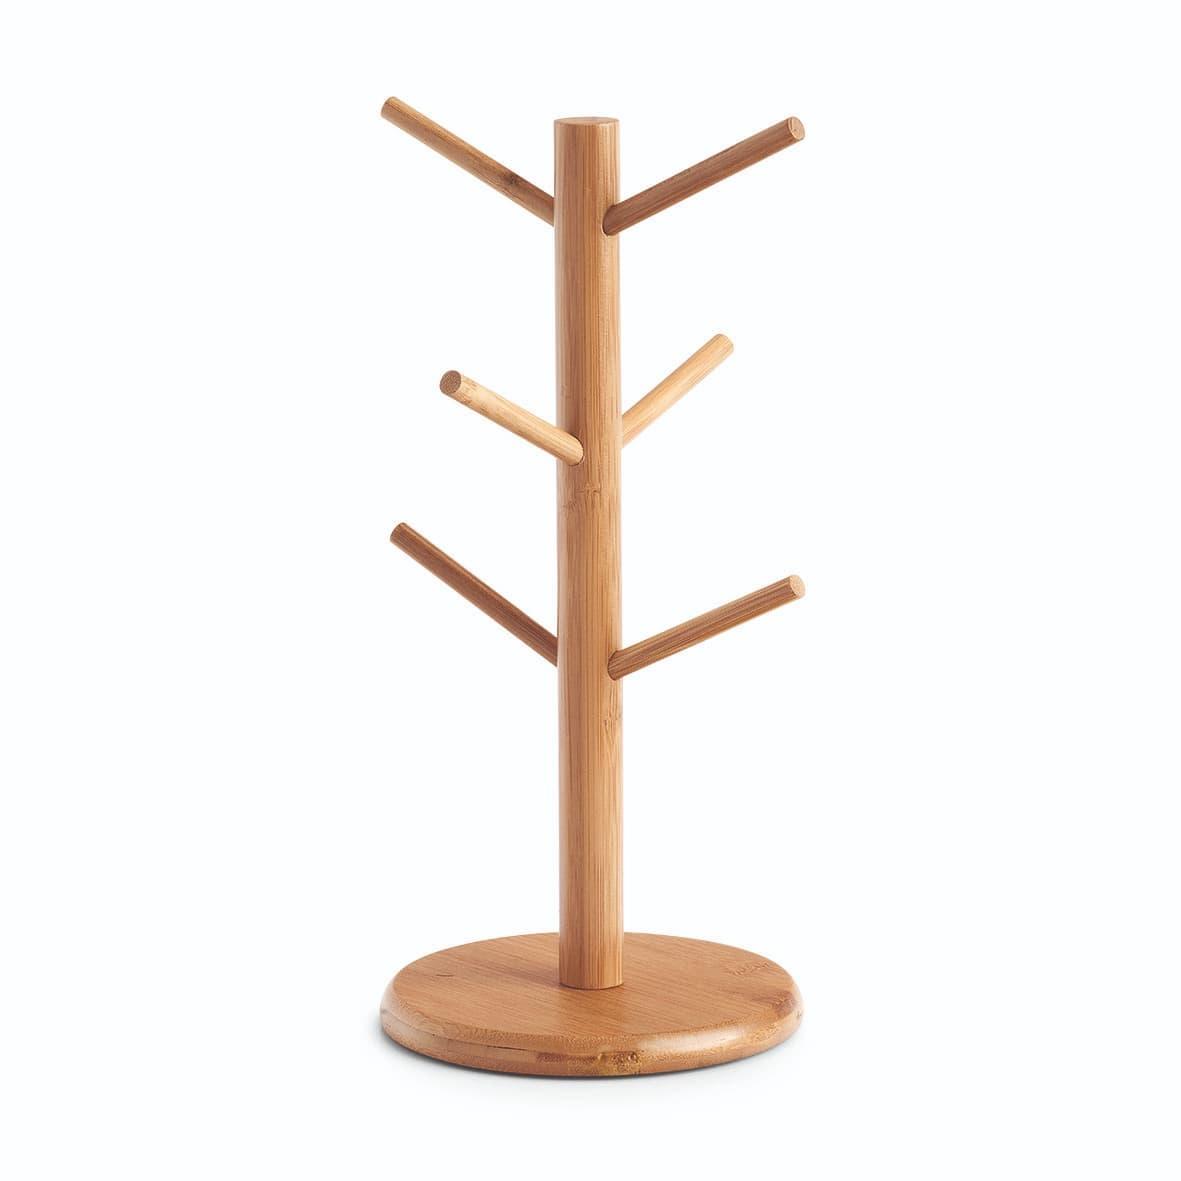 Suport din bambus pentru 6 cani, Bamboo Natural, Ø16xH34 cm somproduct.ro